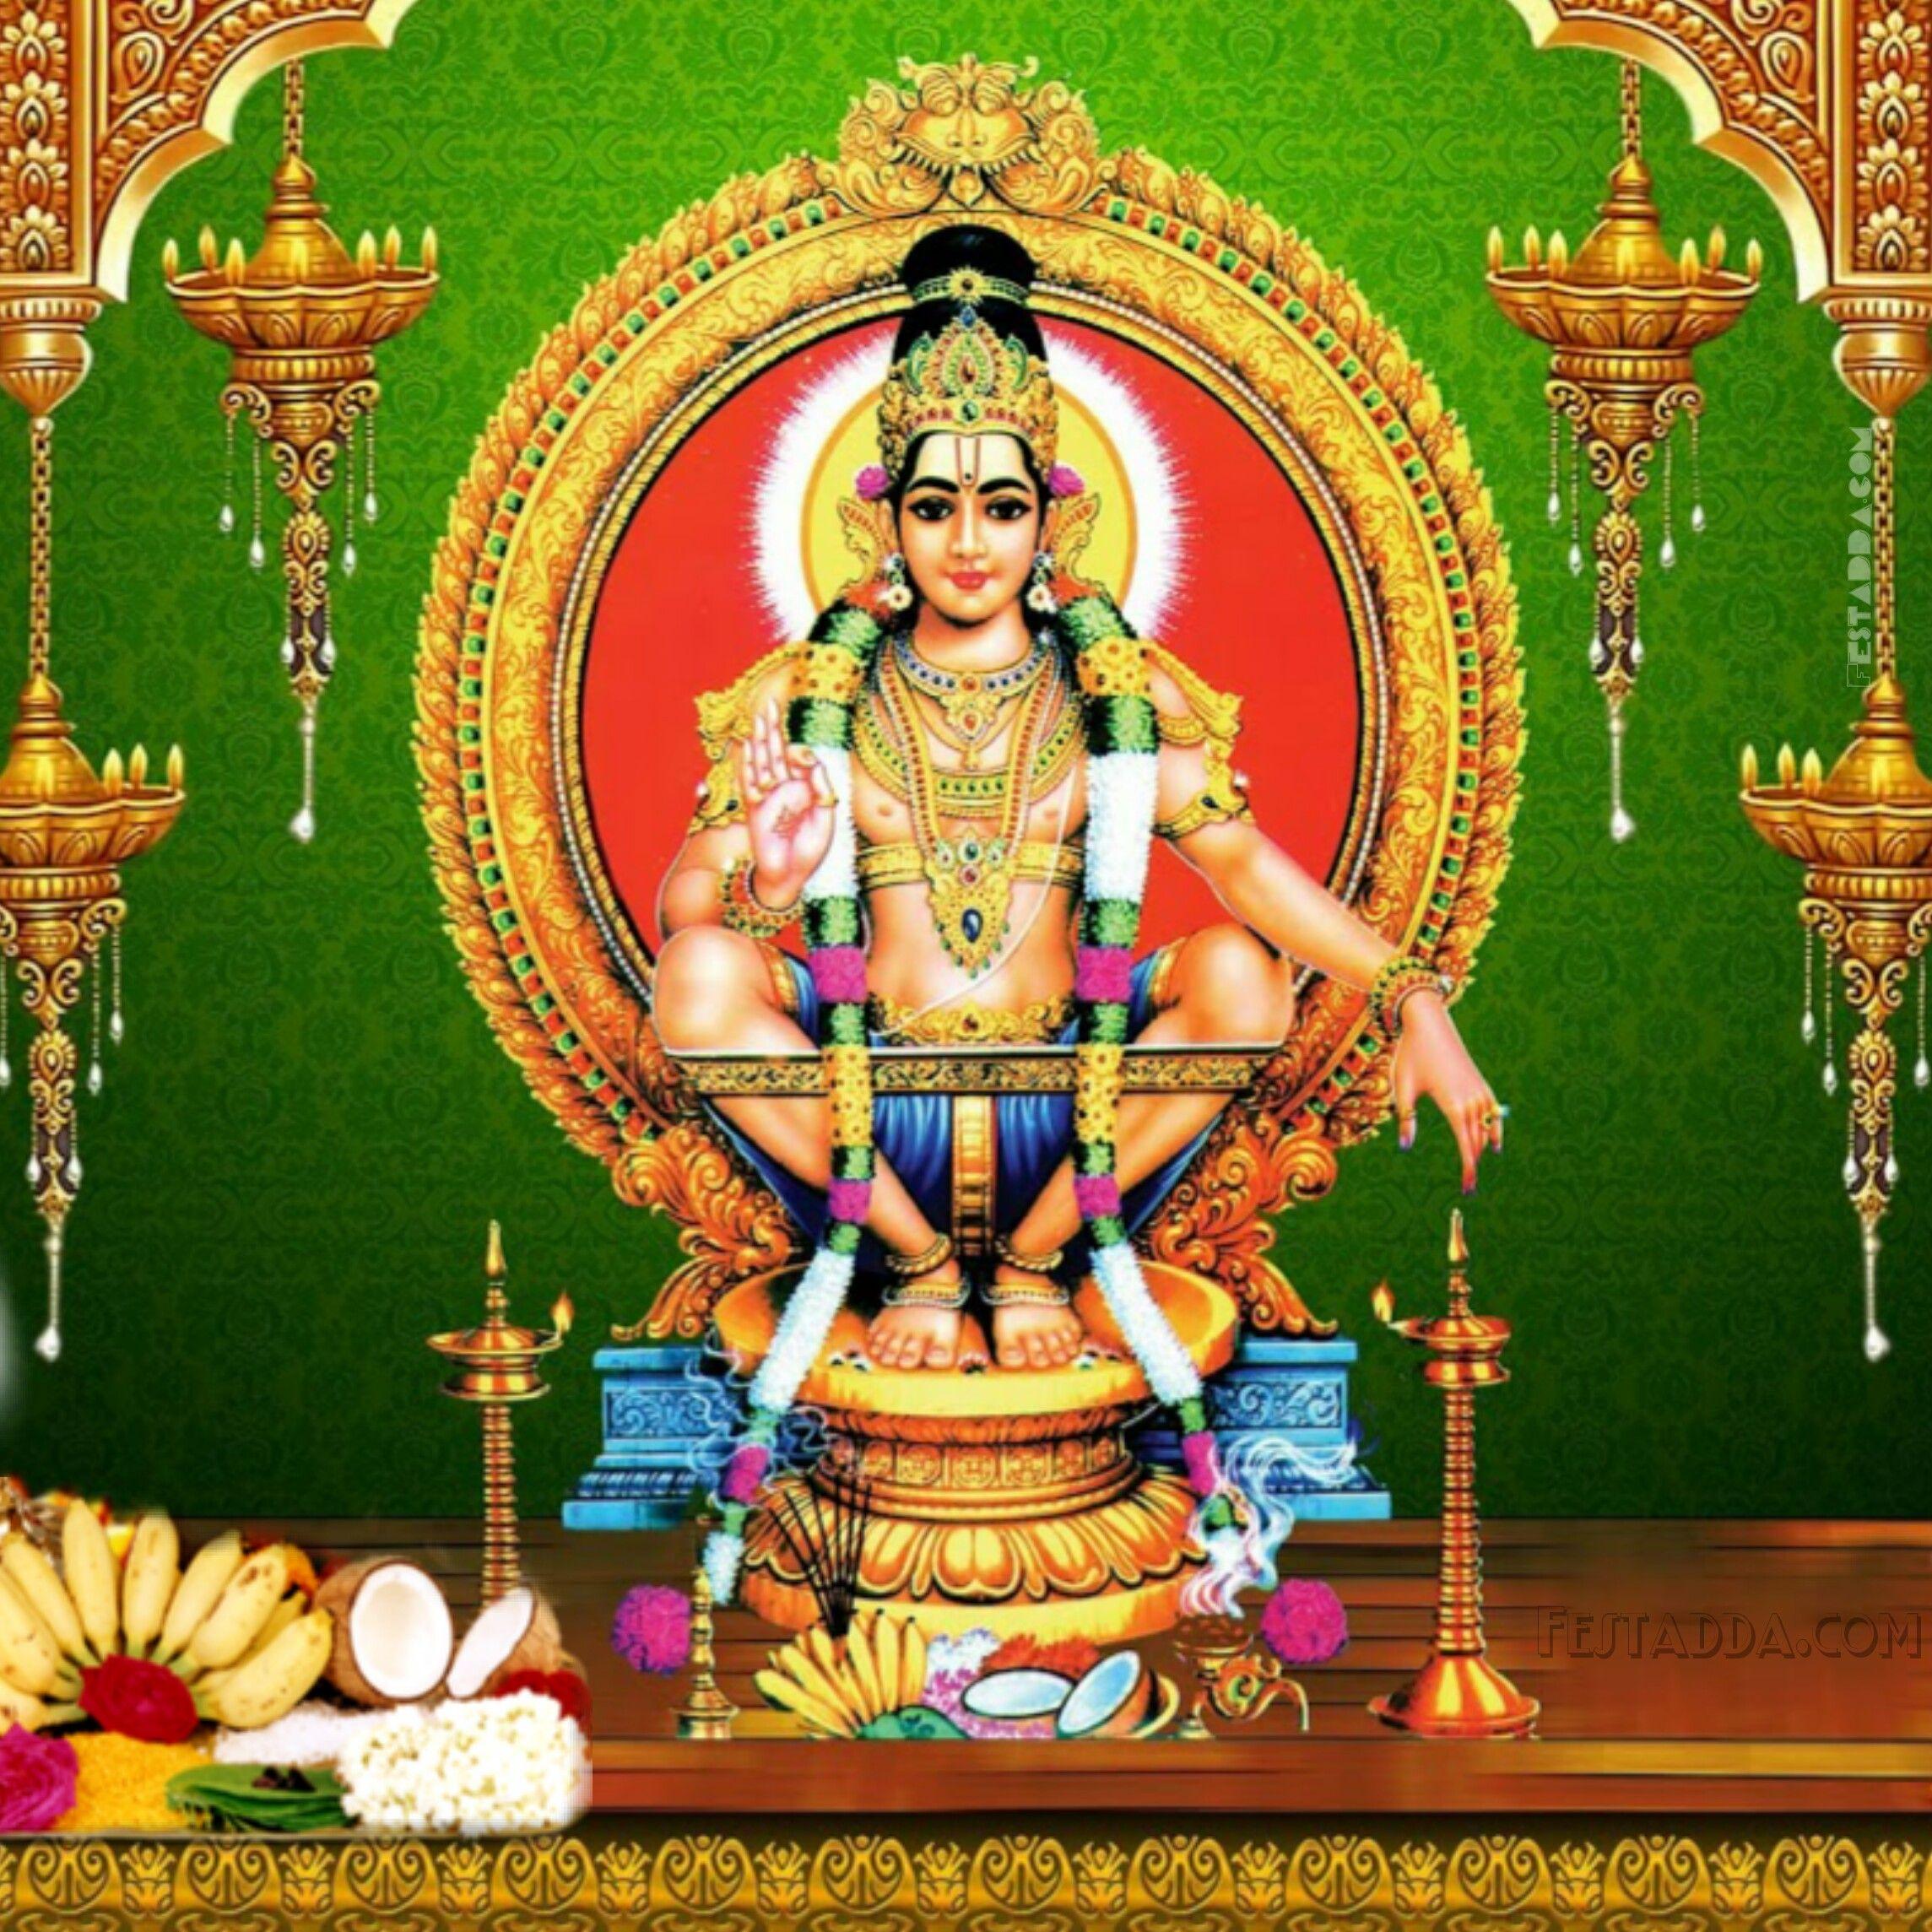 Best 35 Lord Ayyappa Images Ayyappa Photos Hindu Gallery Lord Shiva Hd Wallpaper Lord Shiva Hd Images Lord Murugan Wallpapers